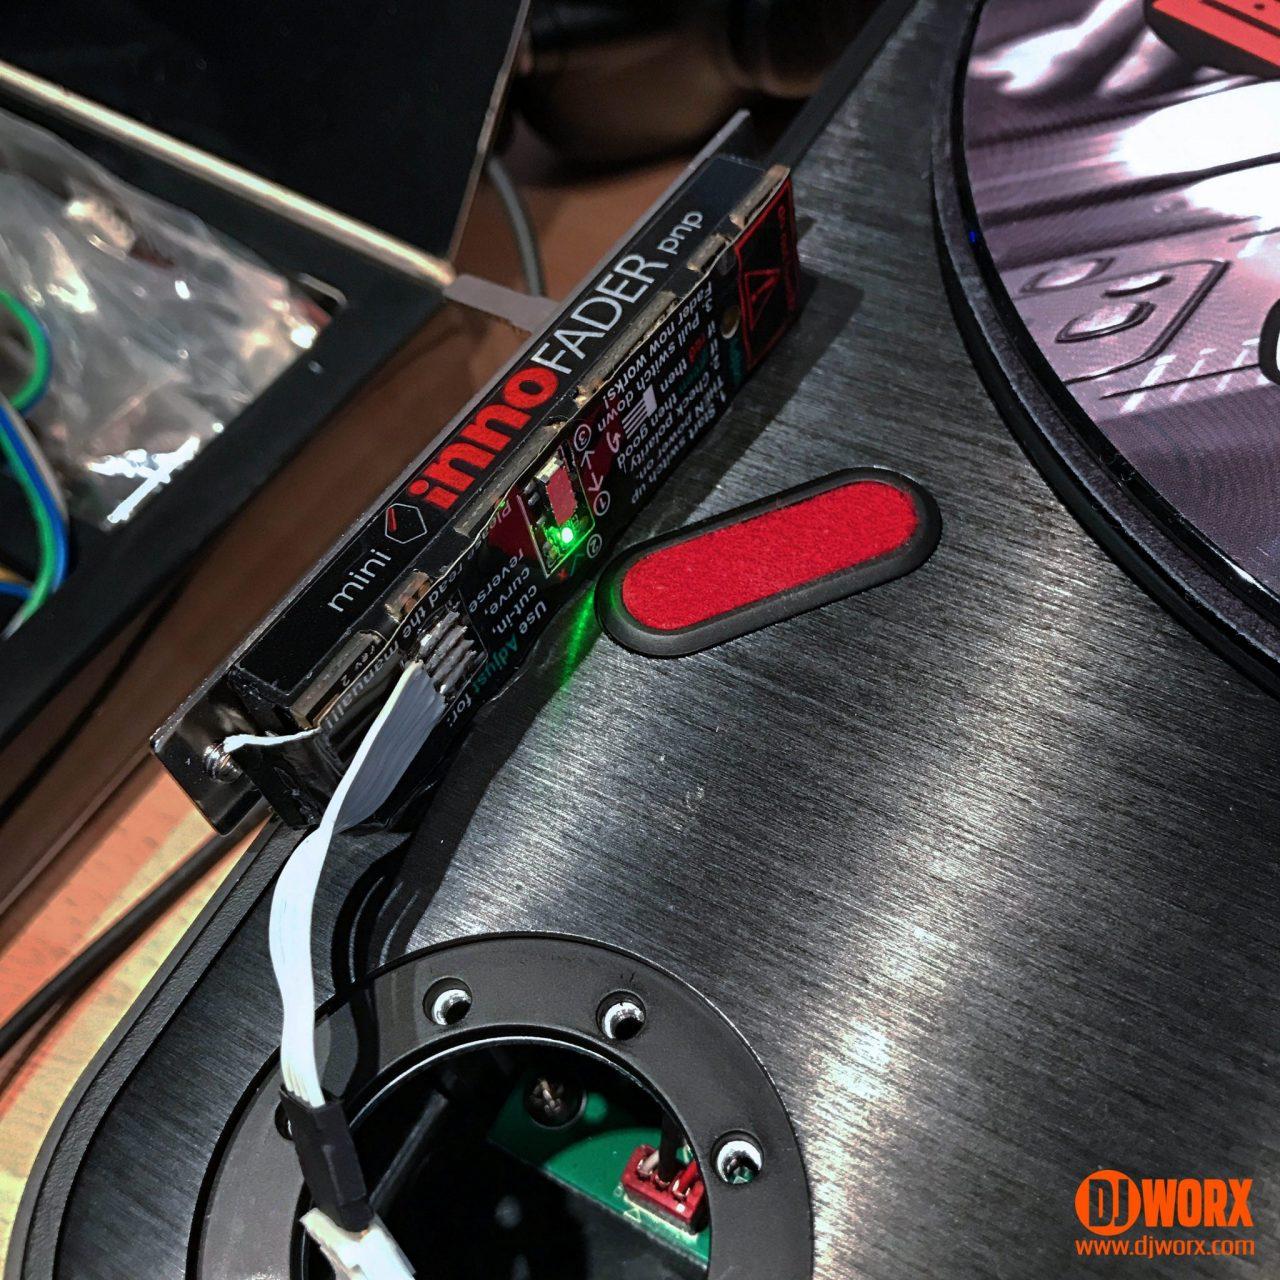 REVIEW: Numark PT01 Scratch portable turntable 9